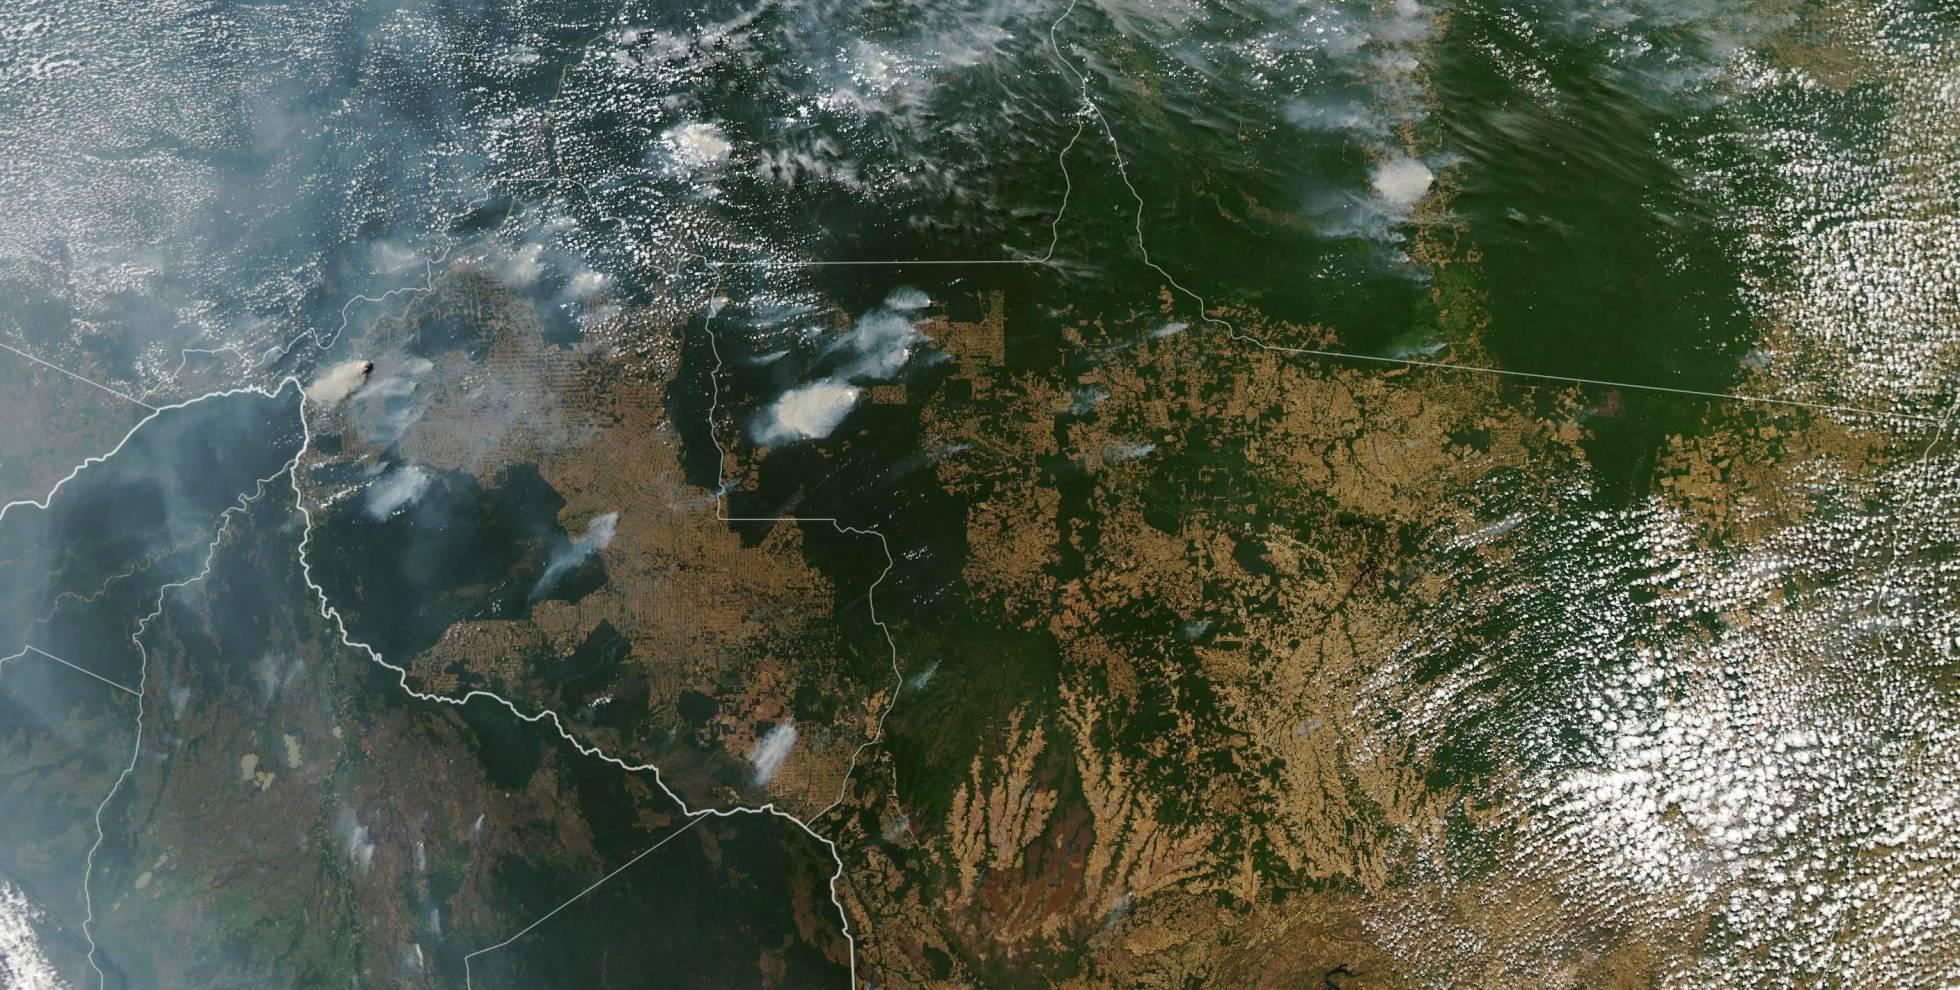 Incendios en la Amazonía tomada desde el satélite Aqua de la NASA.